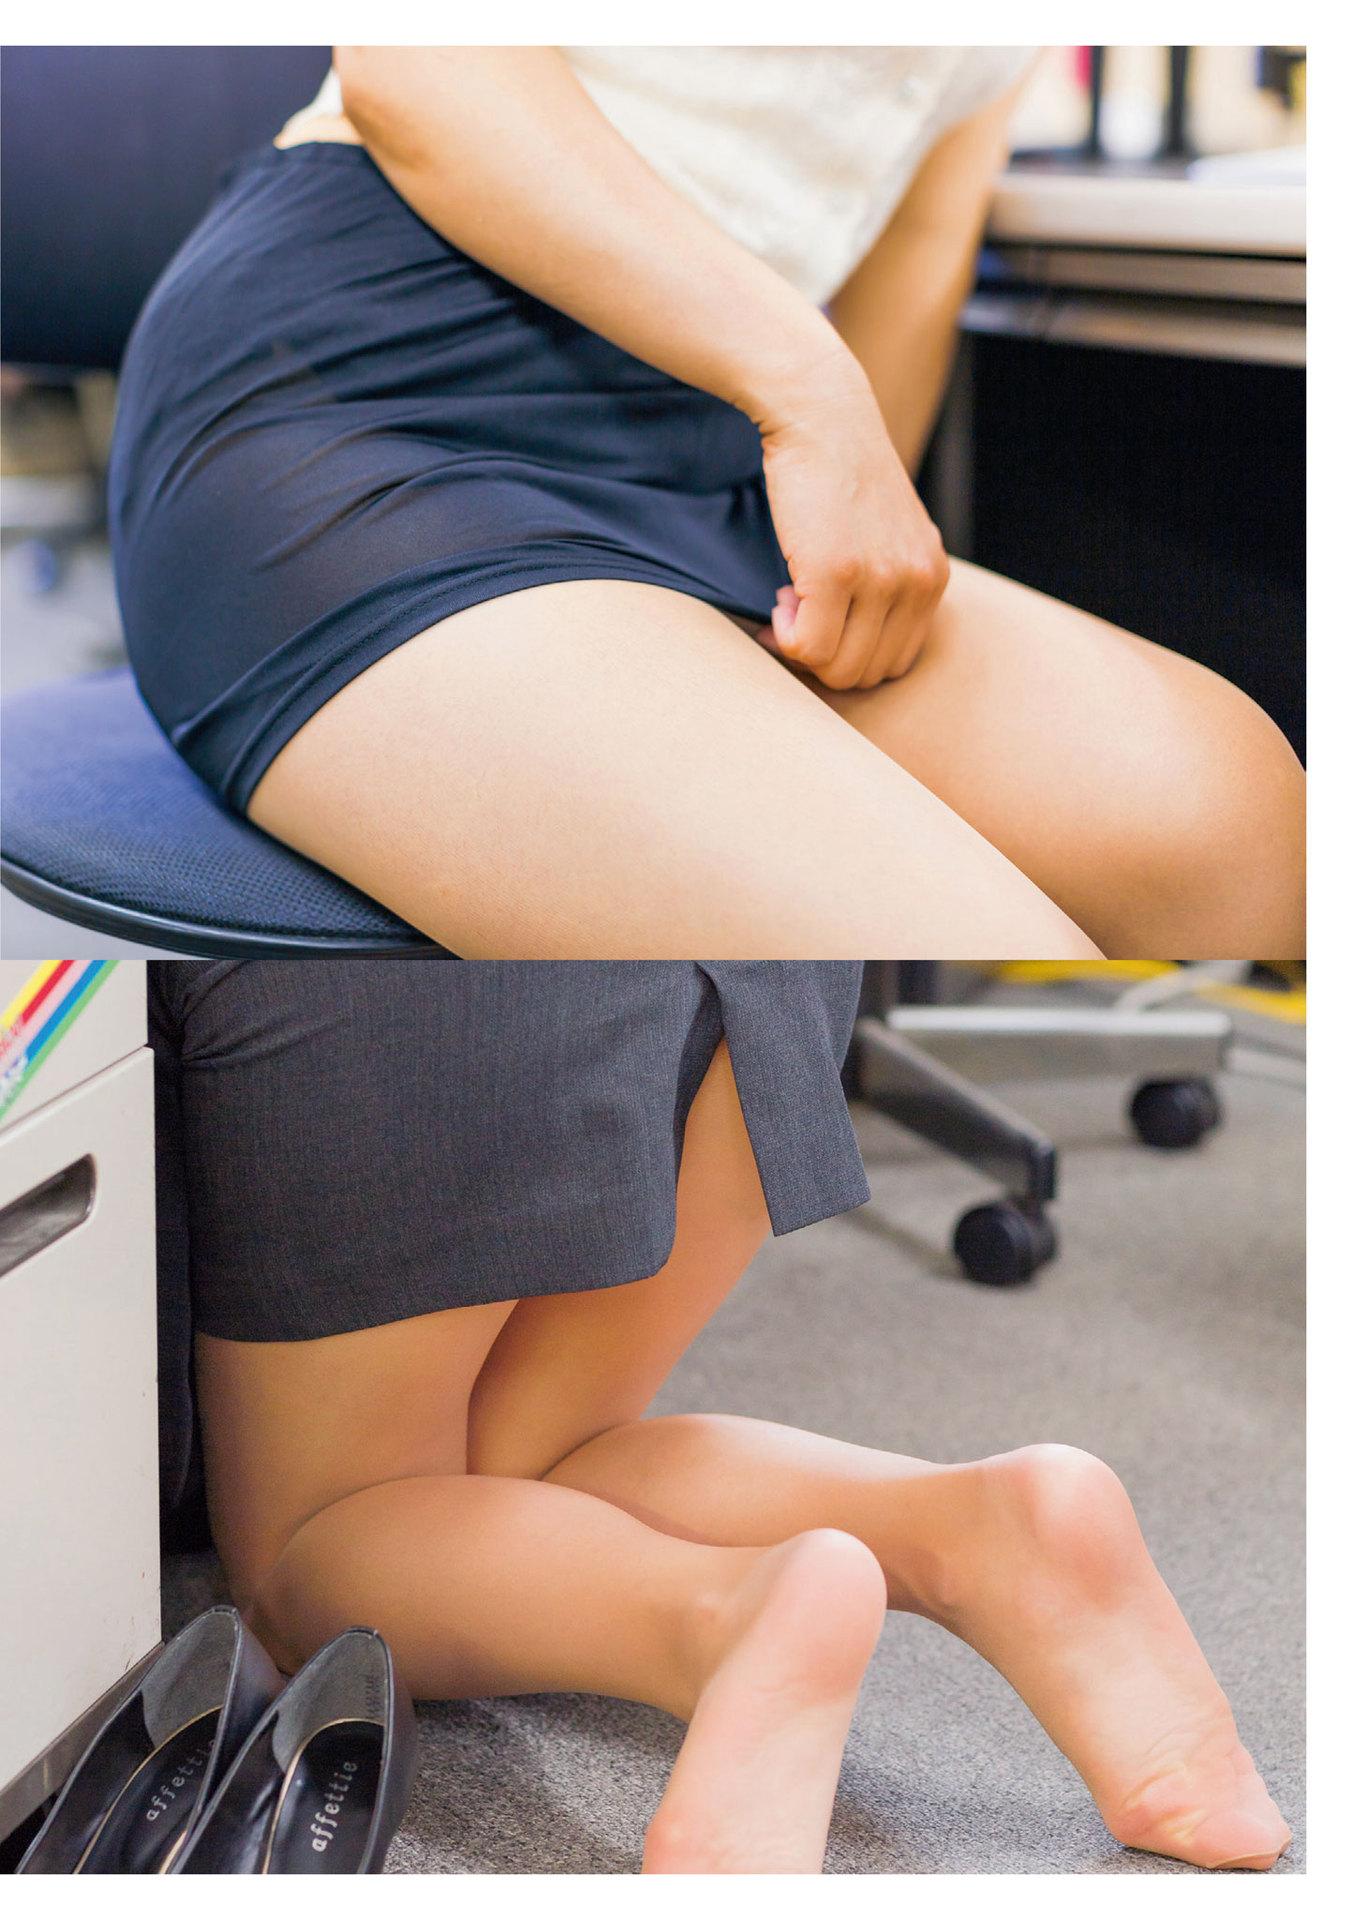 Uniform, swimsuit, underwear yukata092